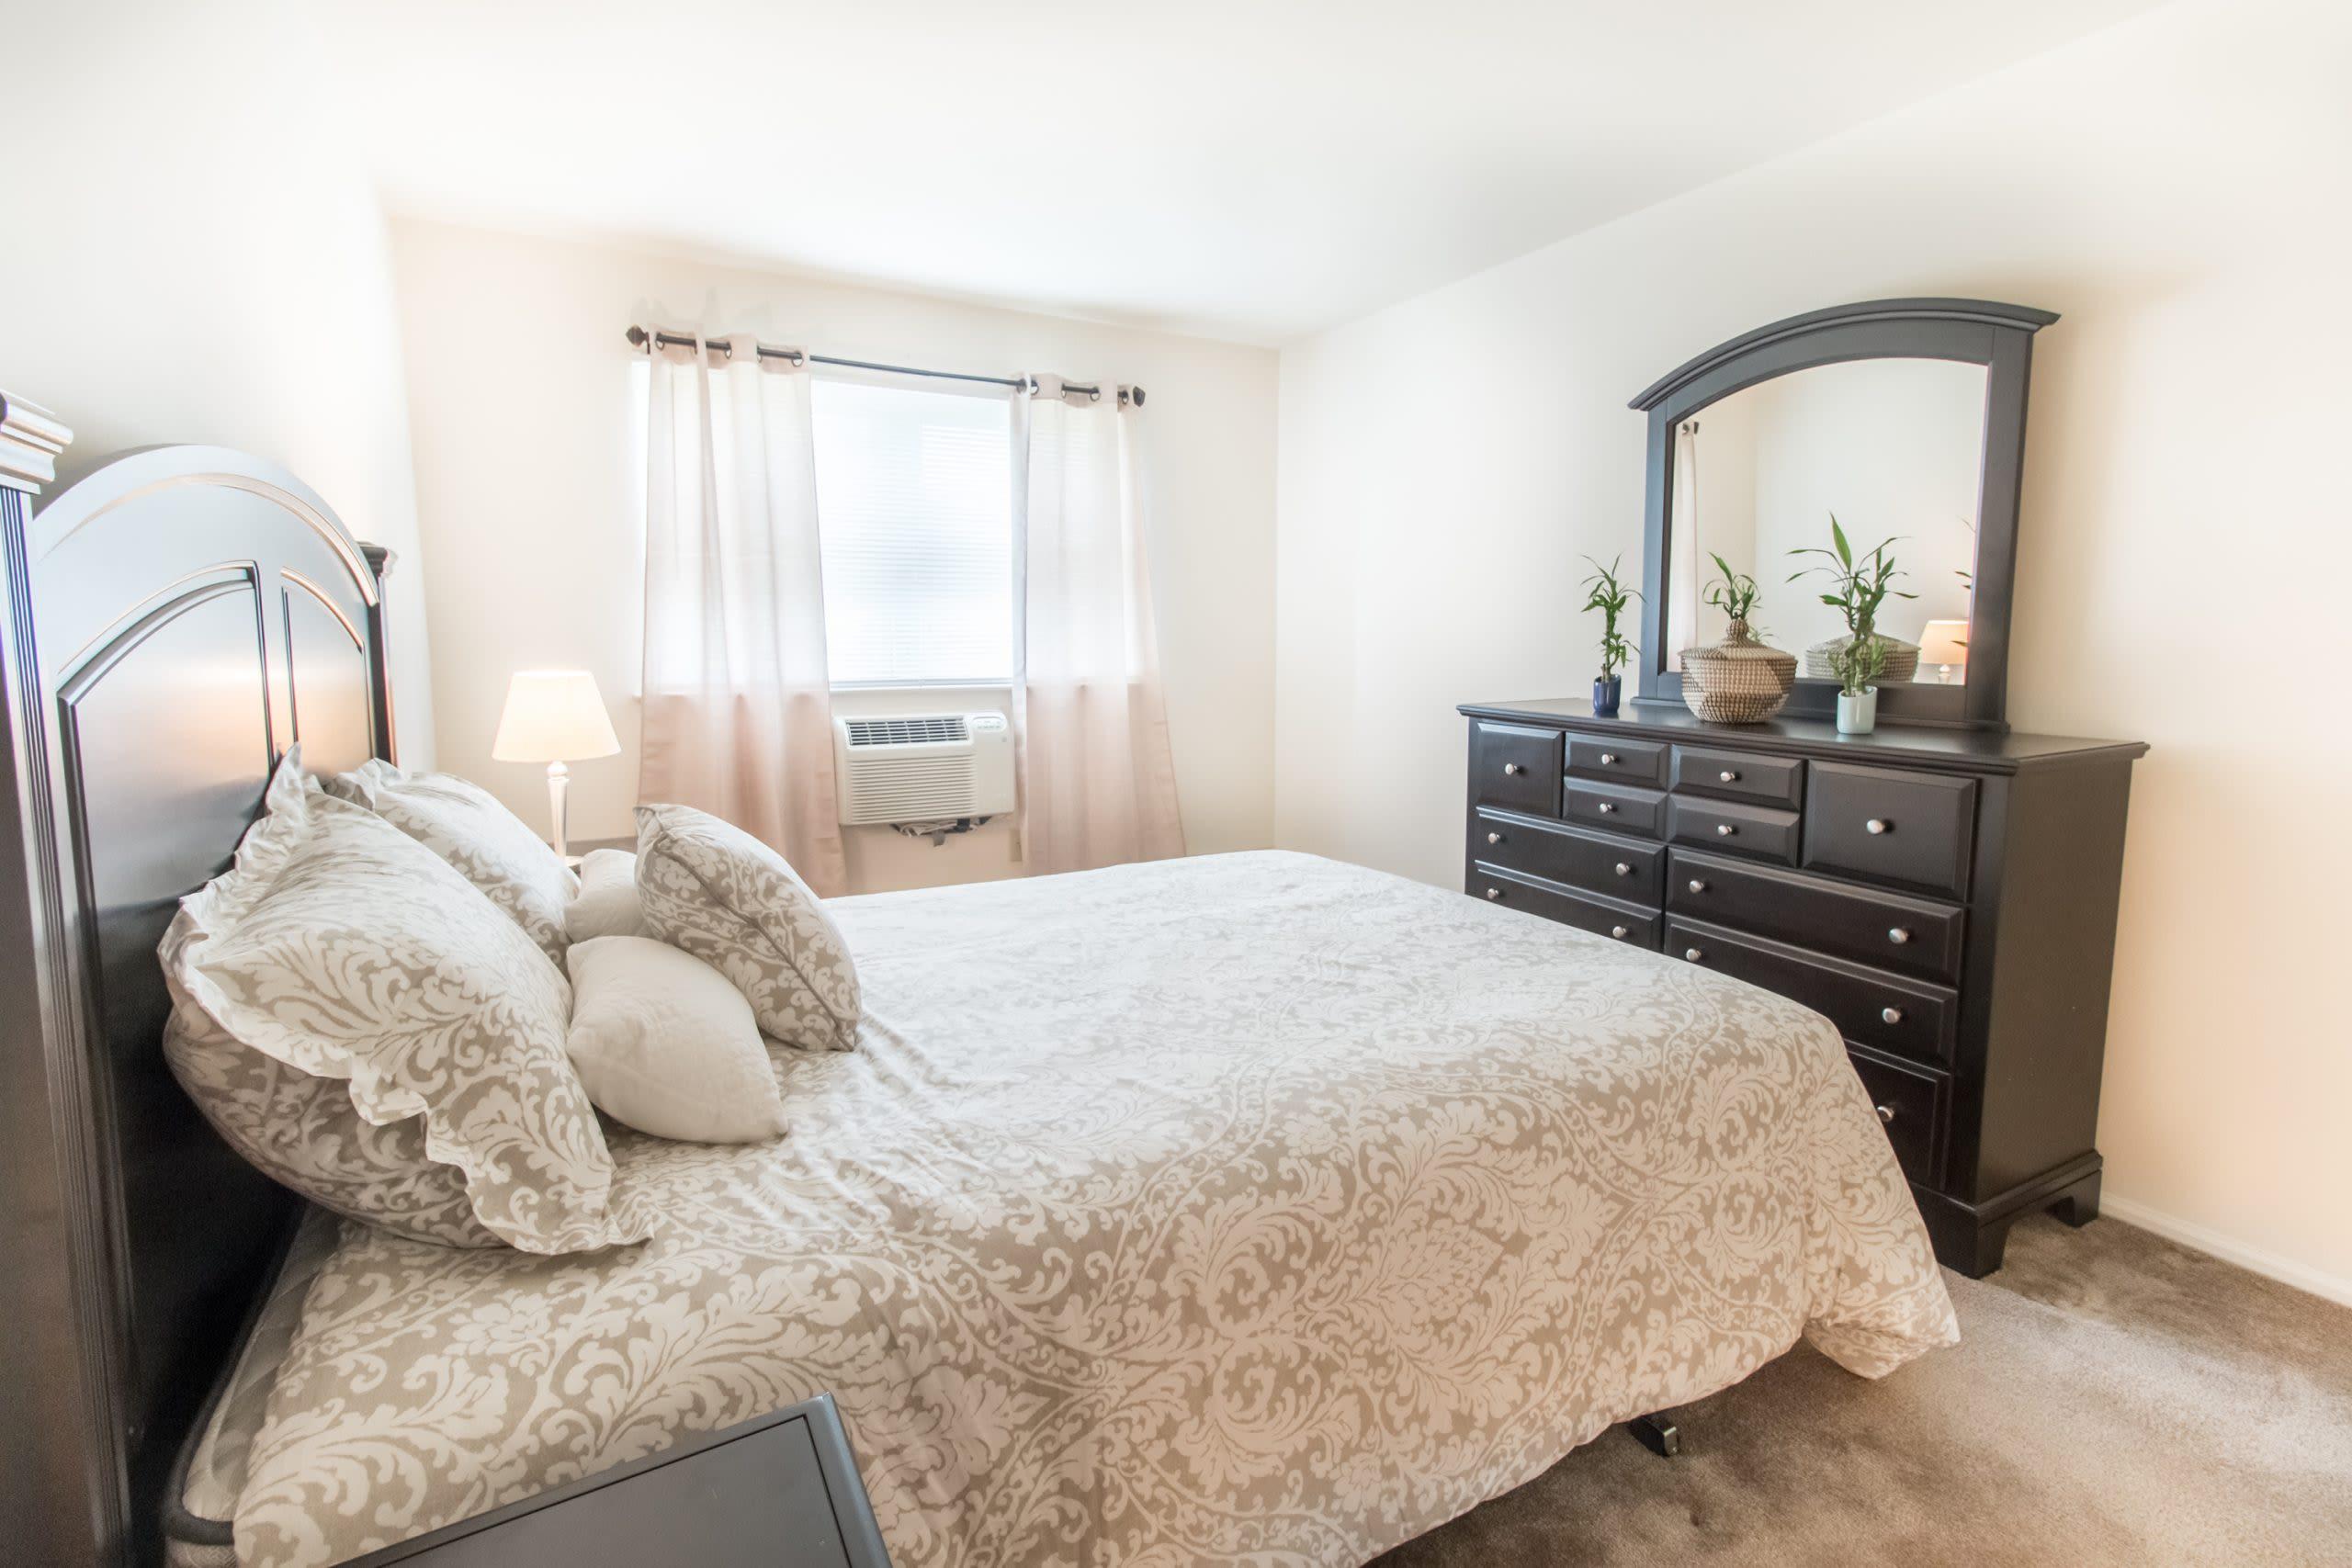 Model bedroom at Brakeley Gardens in Phillipsburg, New Jersey